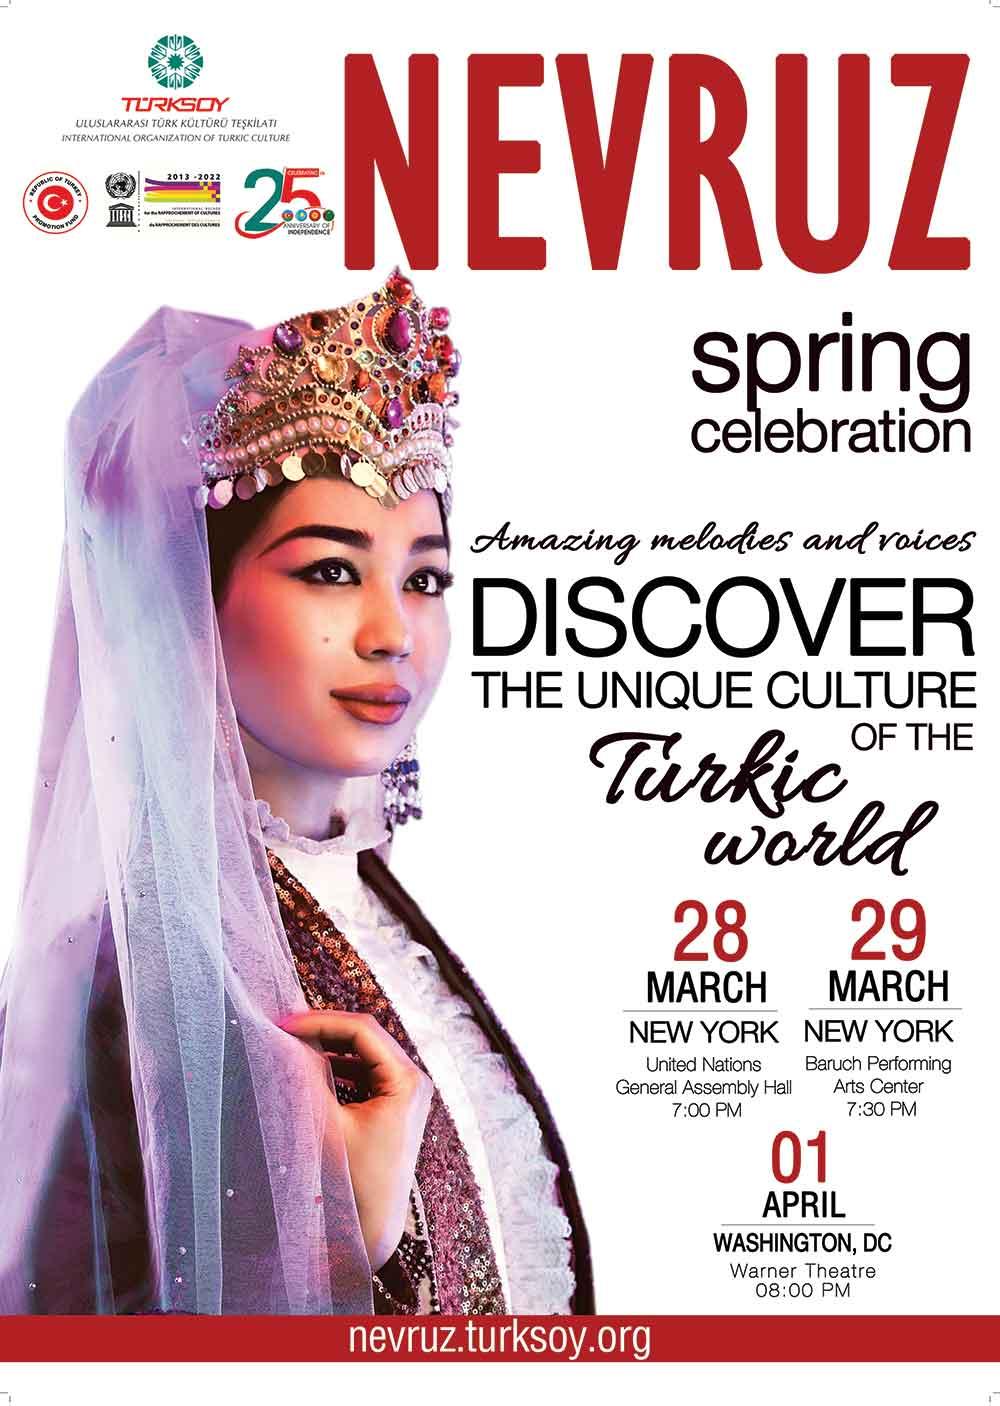 http://nevruz.turksoy.org/wp-content/uploads/2015/12/reklam-1.jpg